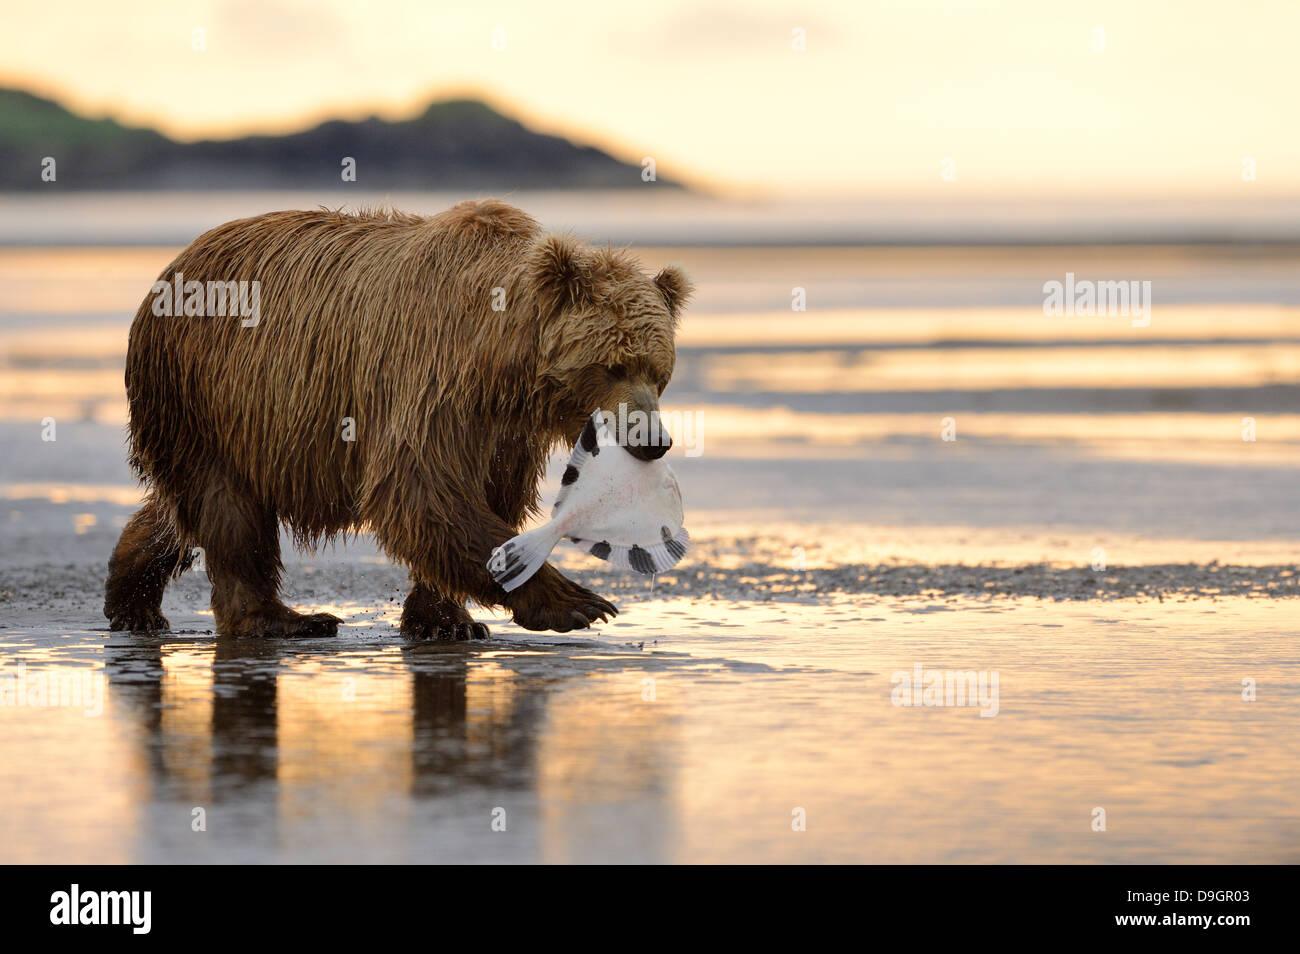 Grizzly Bear walking mit gefangenen Fisch im Mund Stockfoto